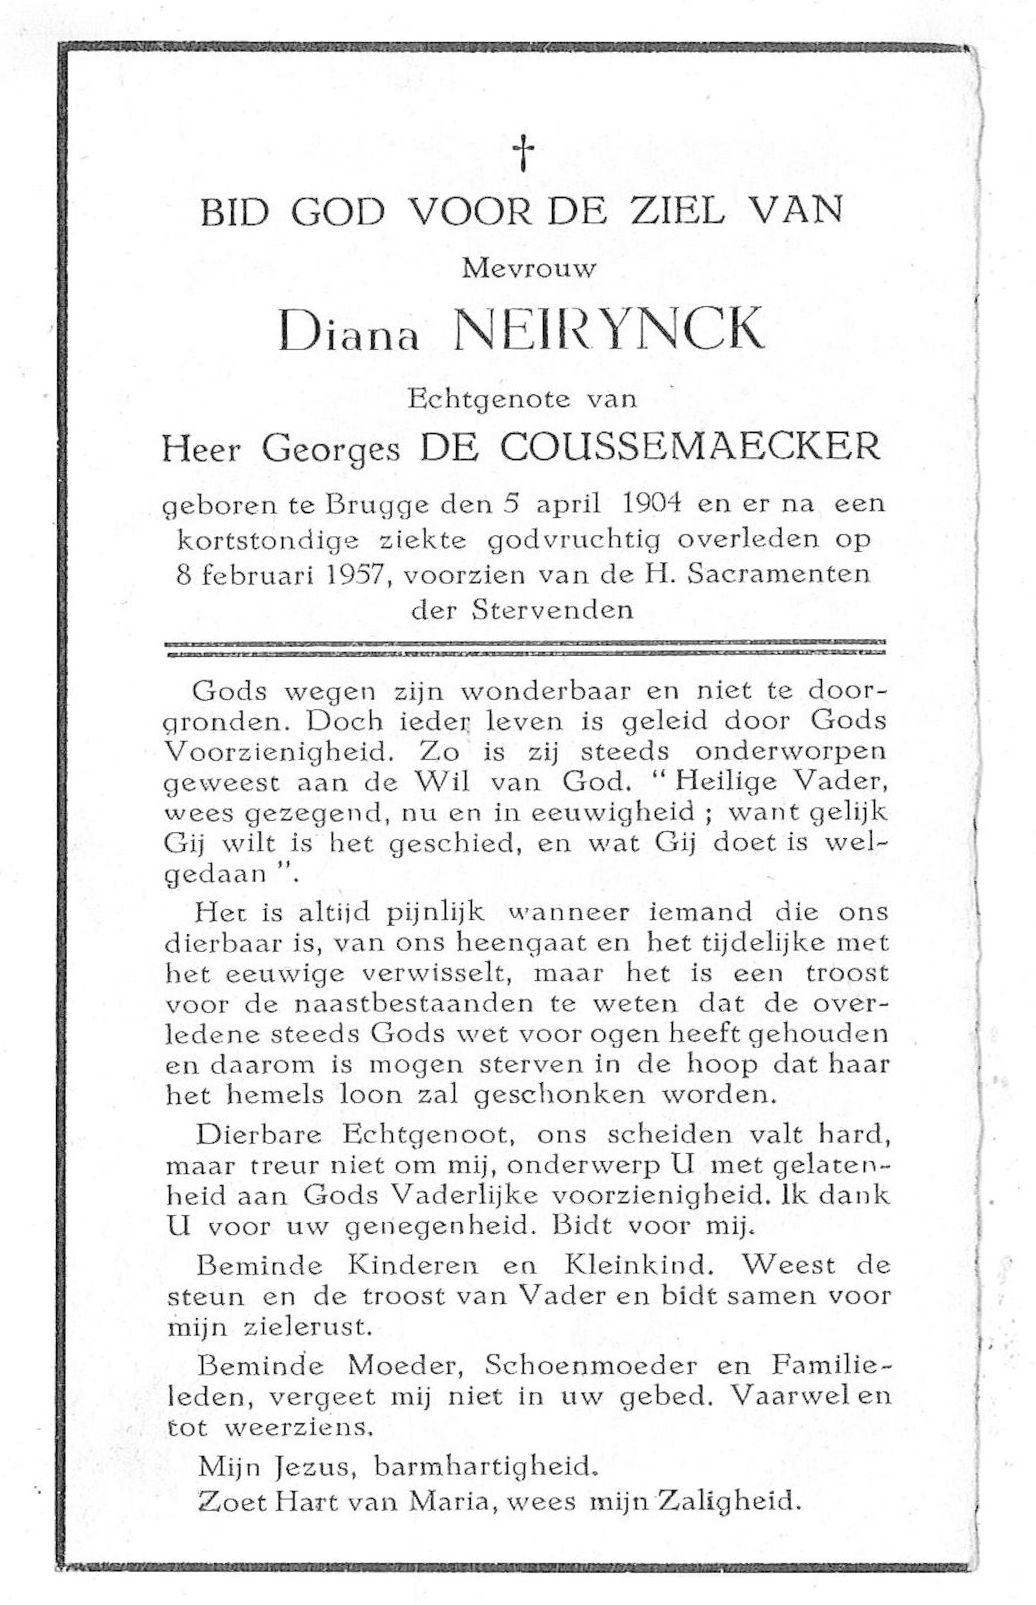 Diana Neirynck